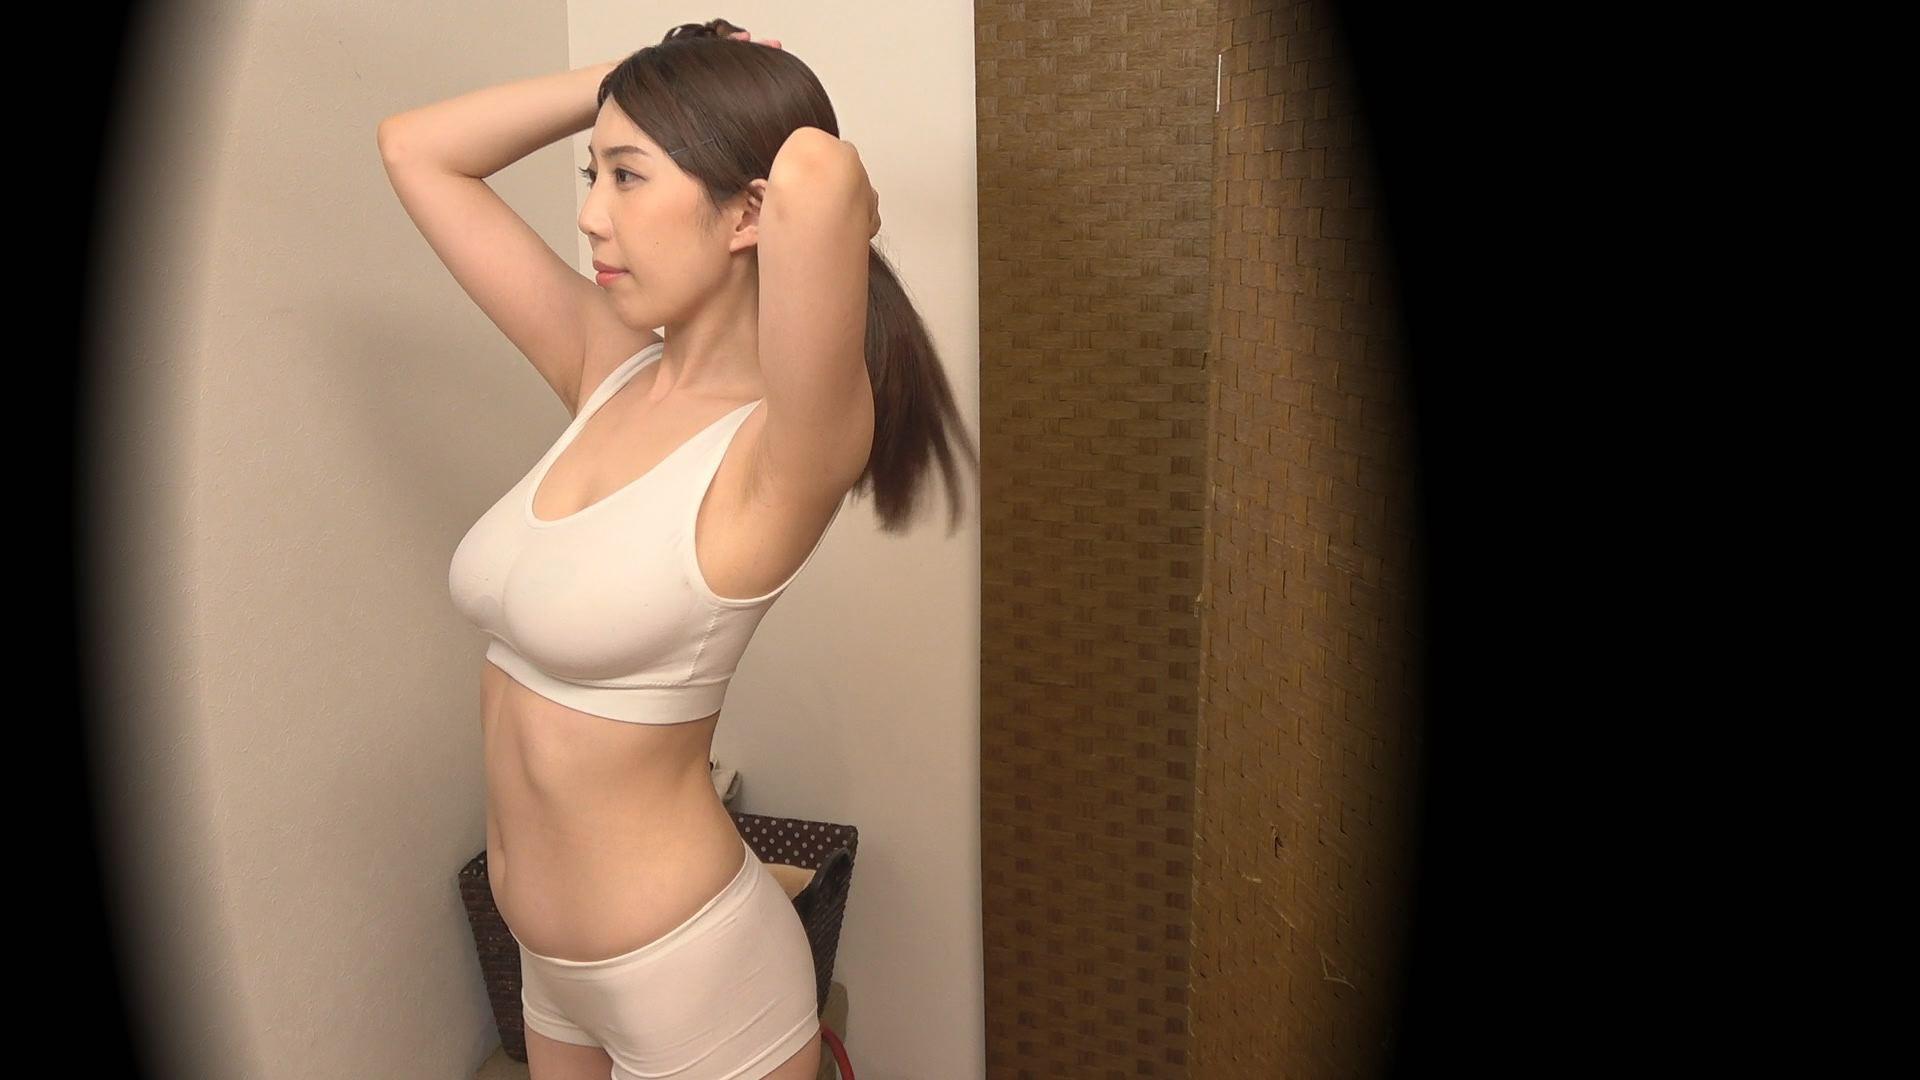 S級ニューハーフ濃厚レズ性交 Vol.7 高級人妻オイルエステ 画像7